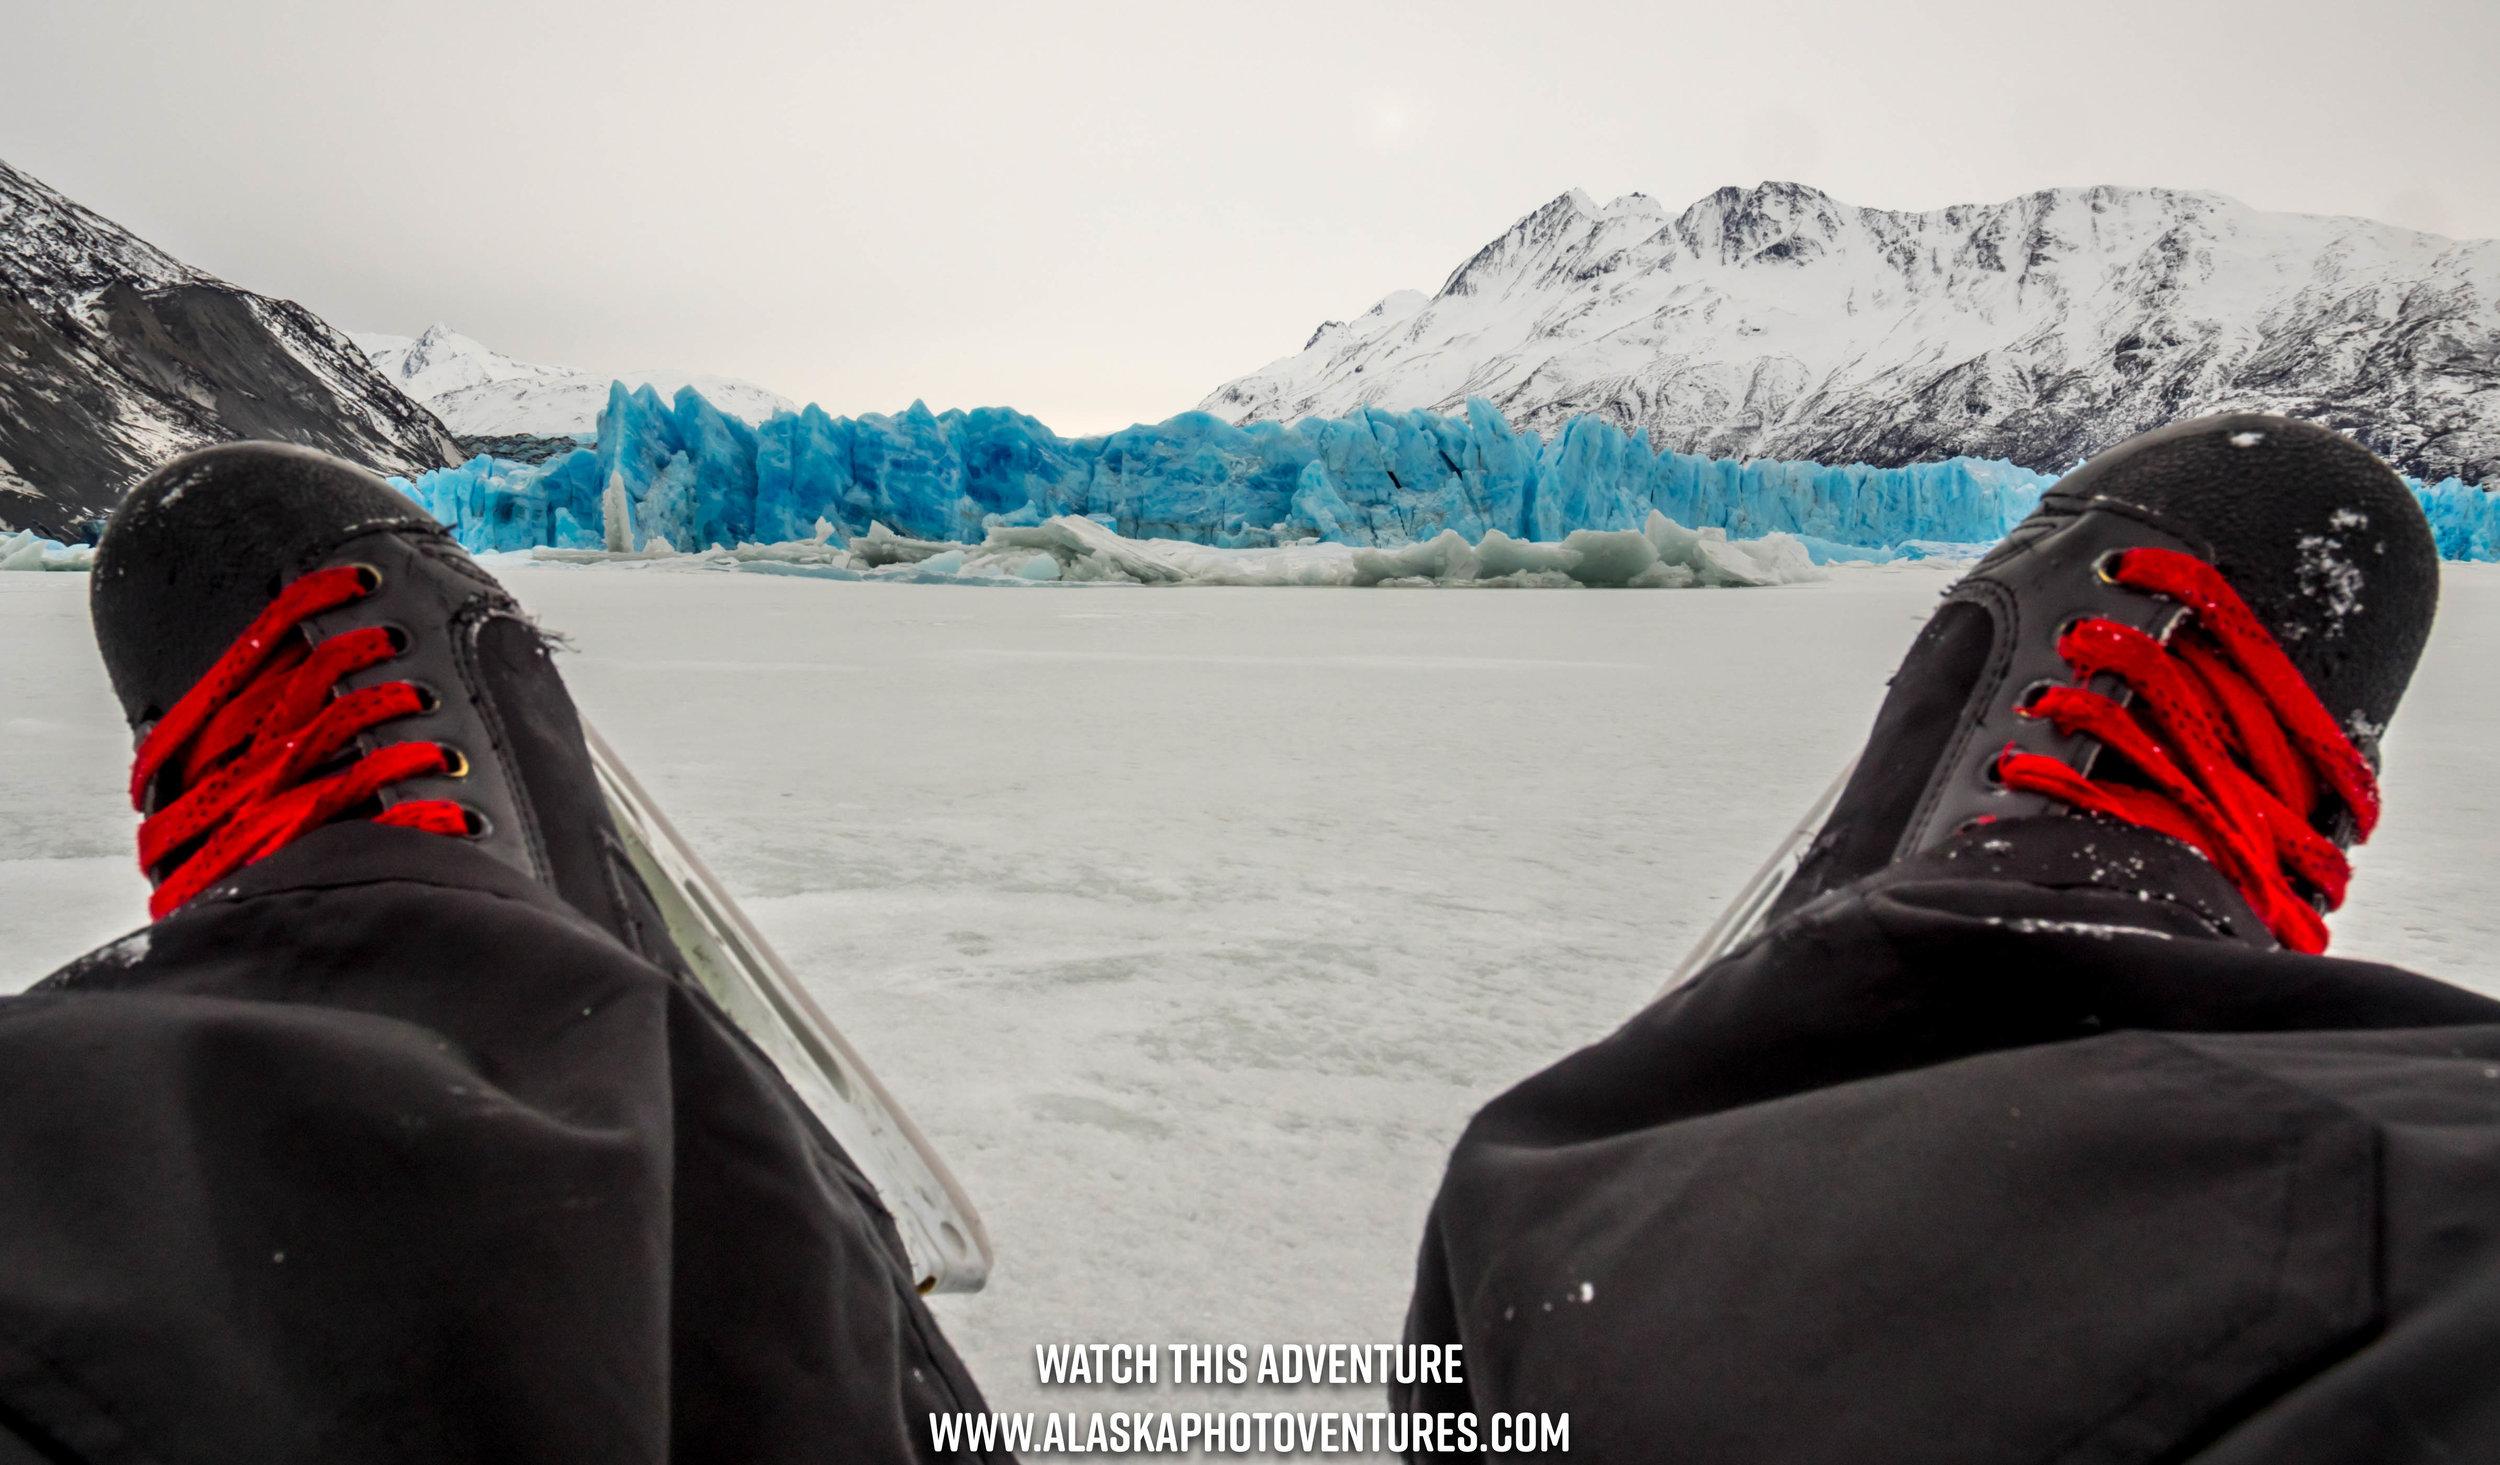 ice-skate-to-a-glacier-colony-knik-alaska-adventure-photography.jpg